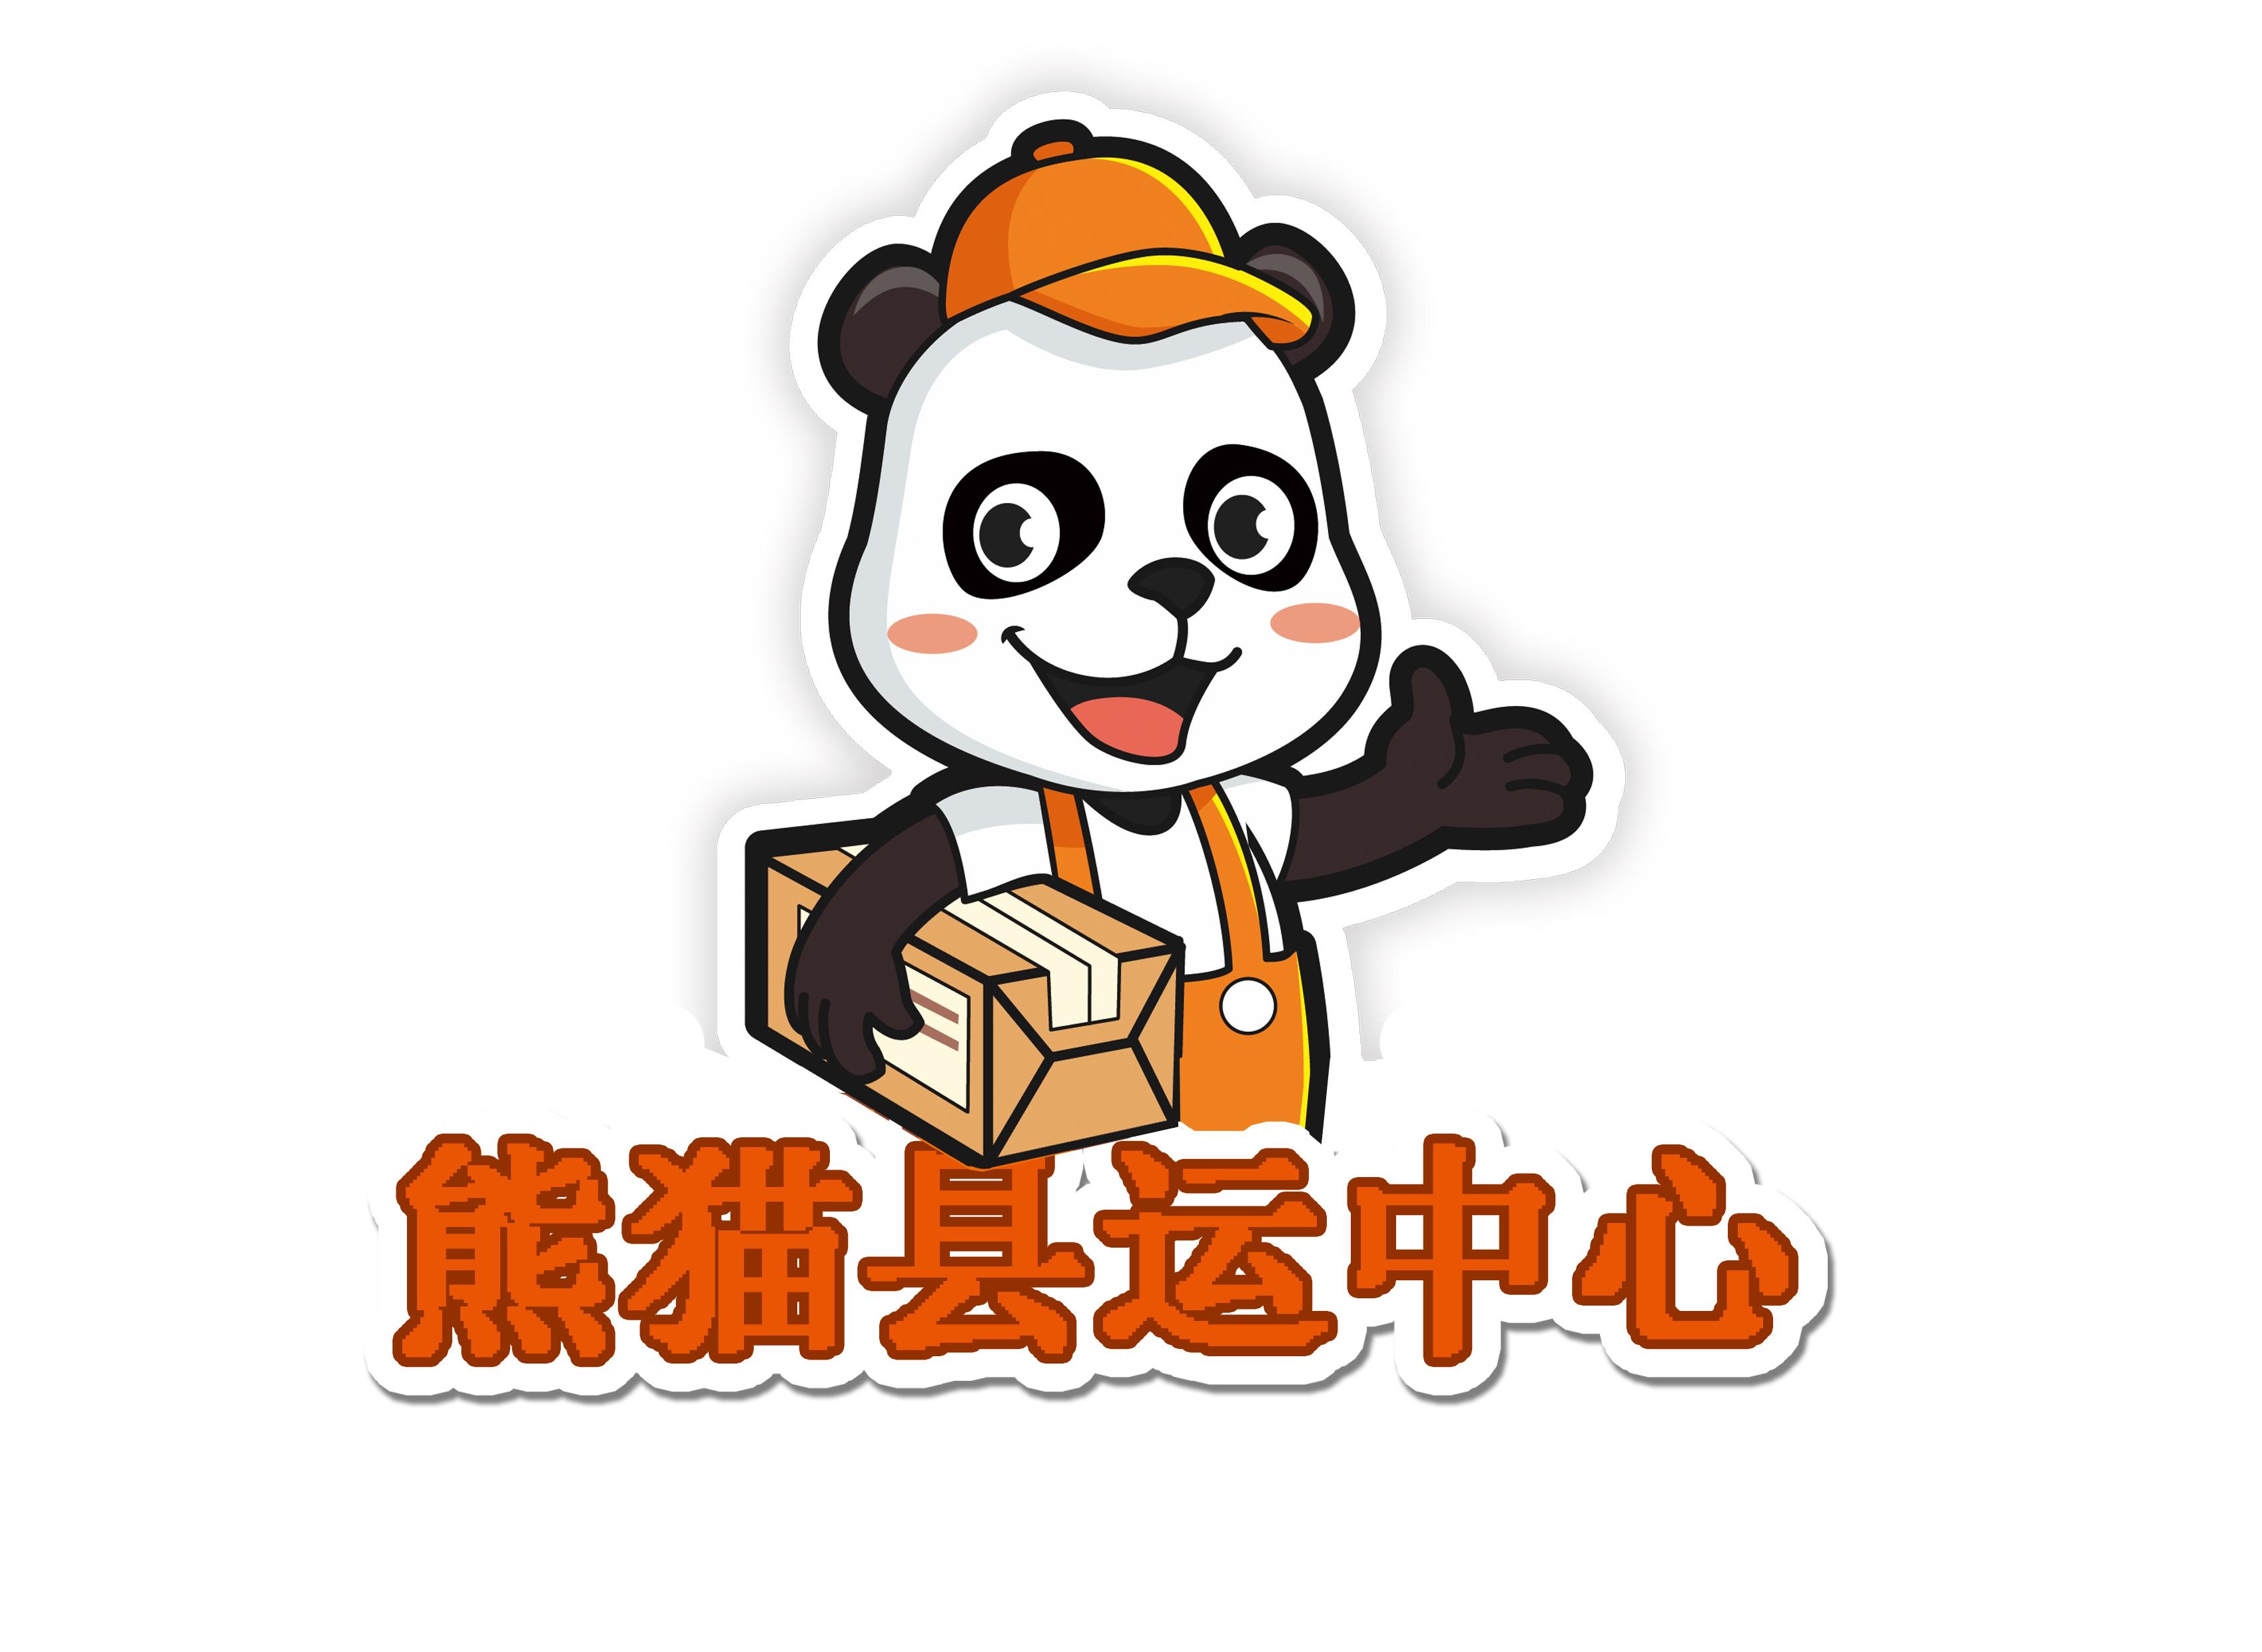 熊猫县运中心